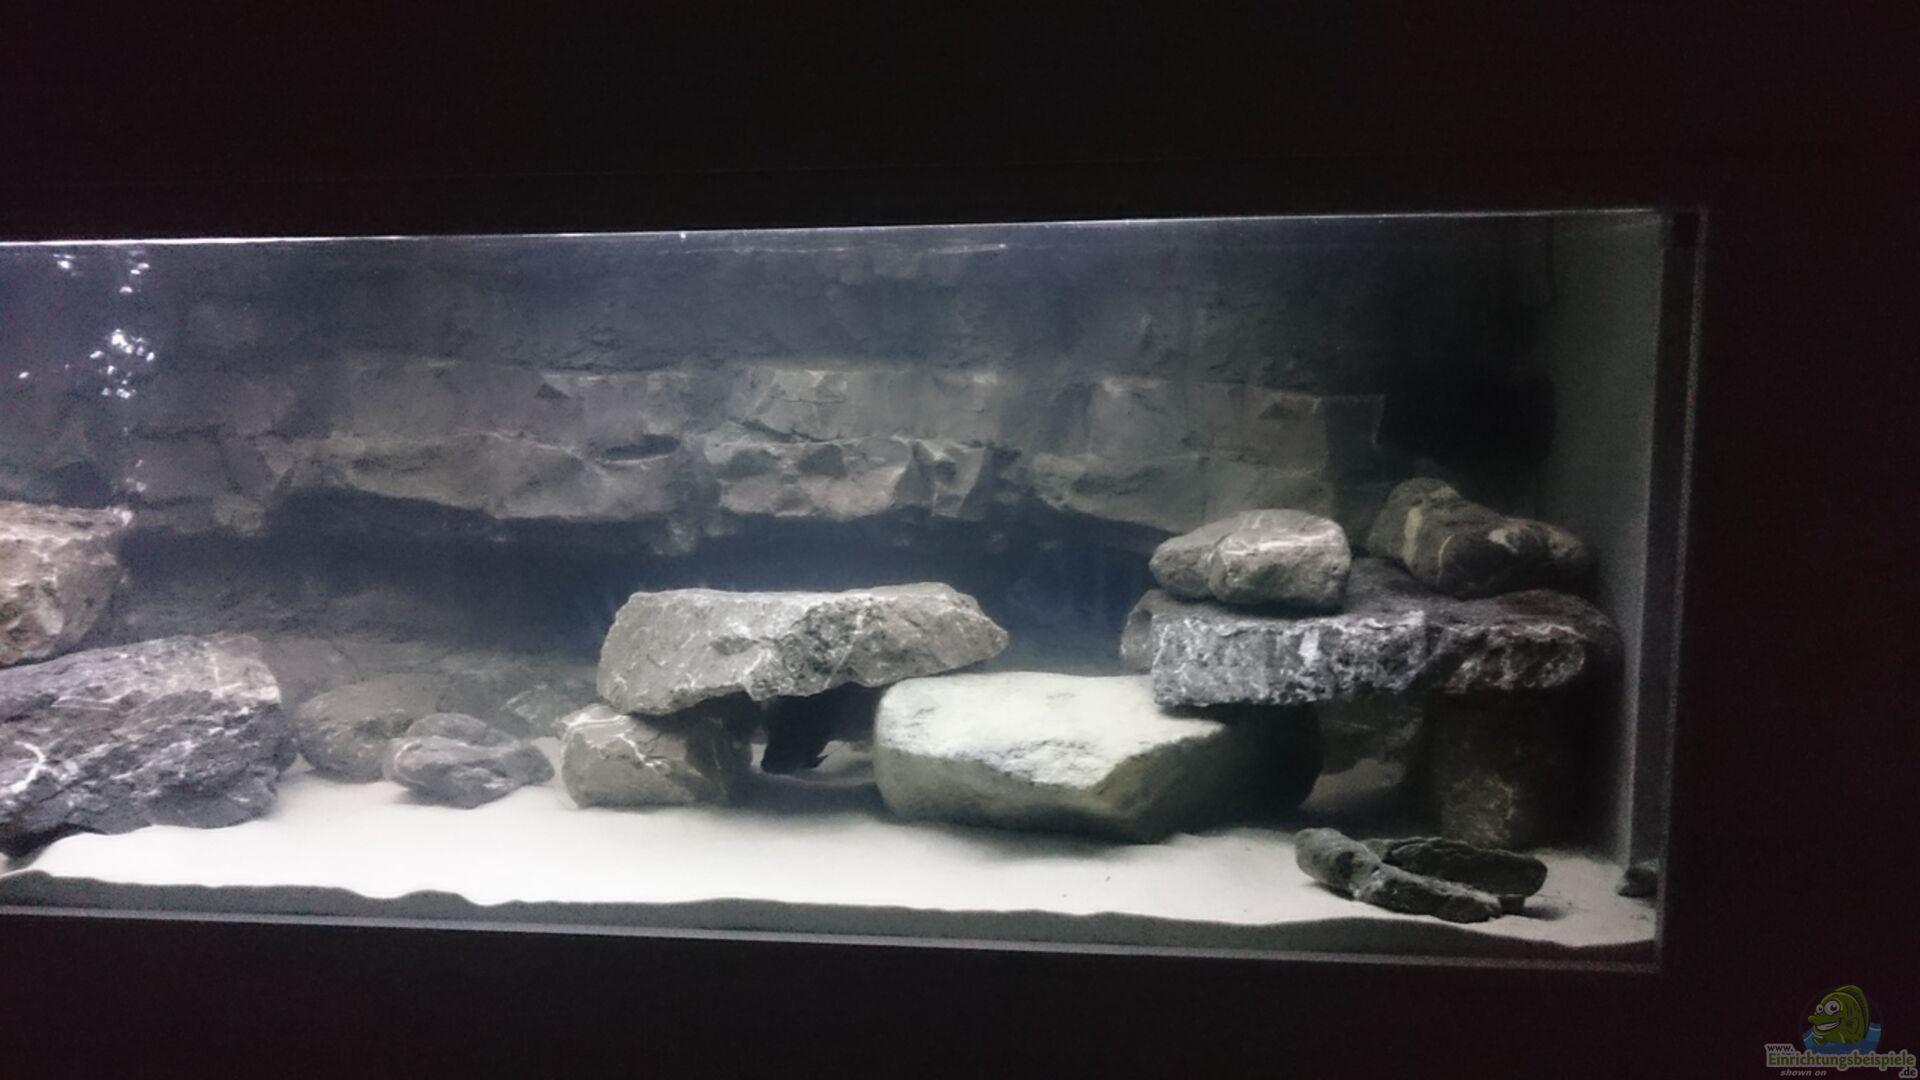 Aquarium von jens teichert becken 32521 for Aquarium becken